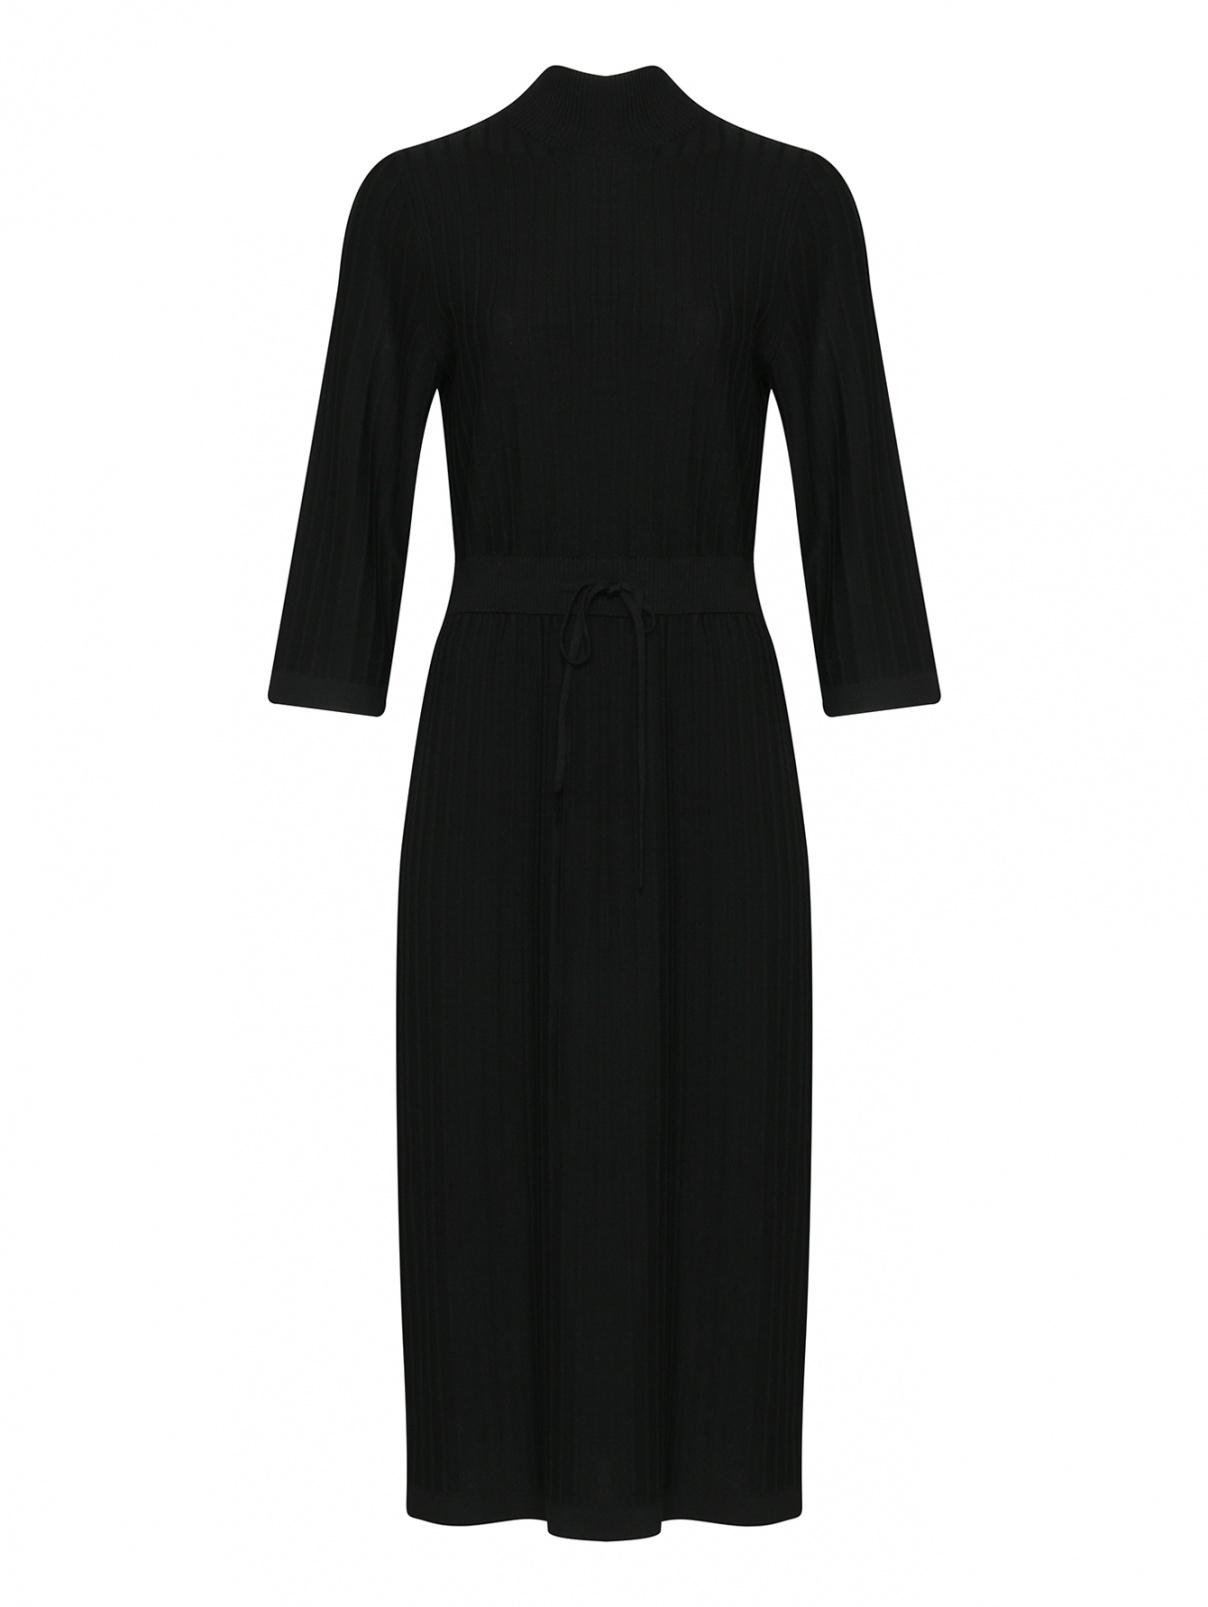 Платье трикотажное из шерсти A.P.C.  –  Общий вид  – Цвет:  Черный